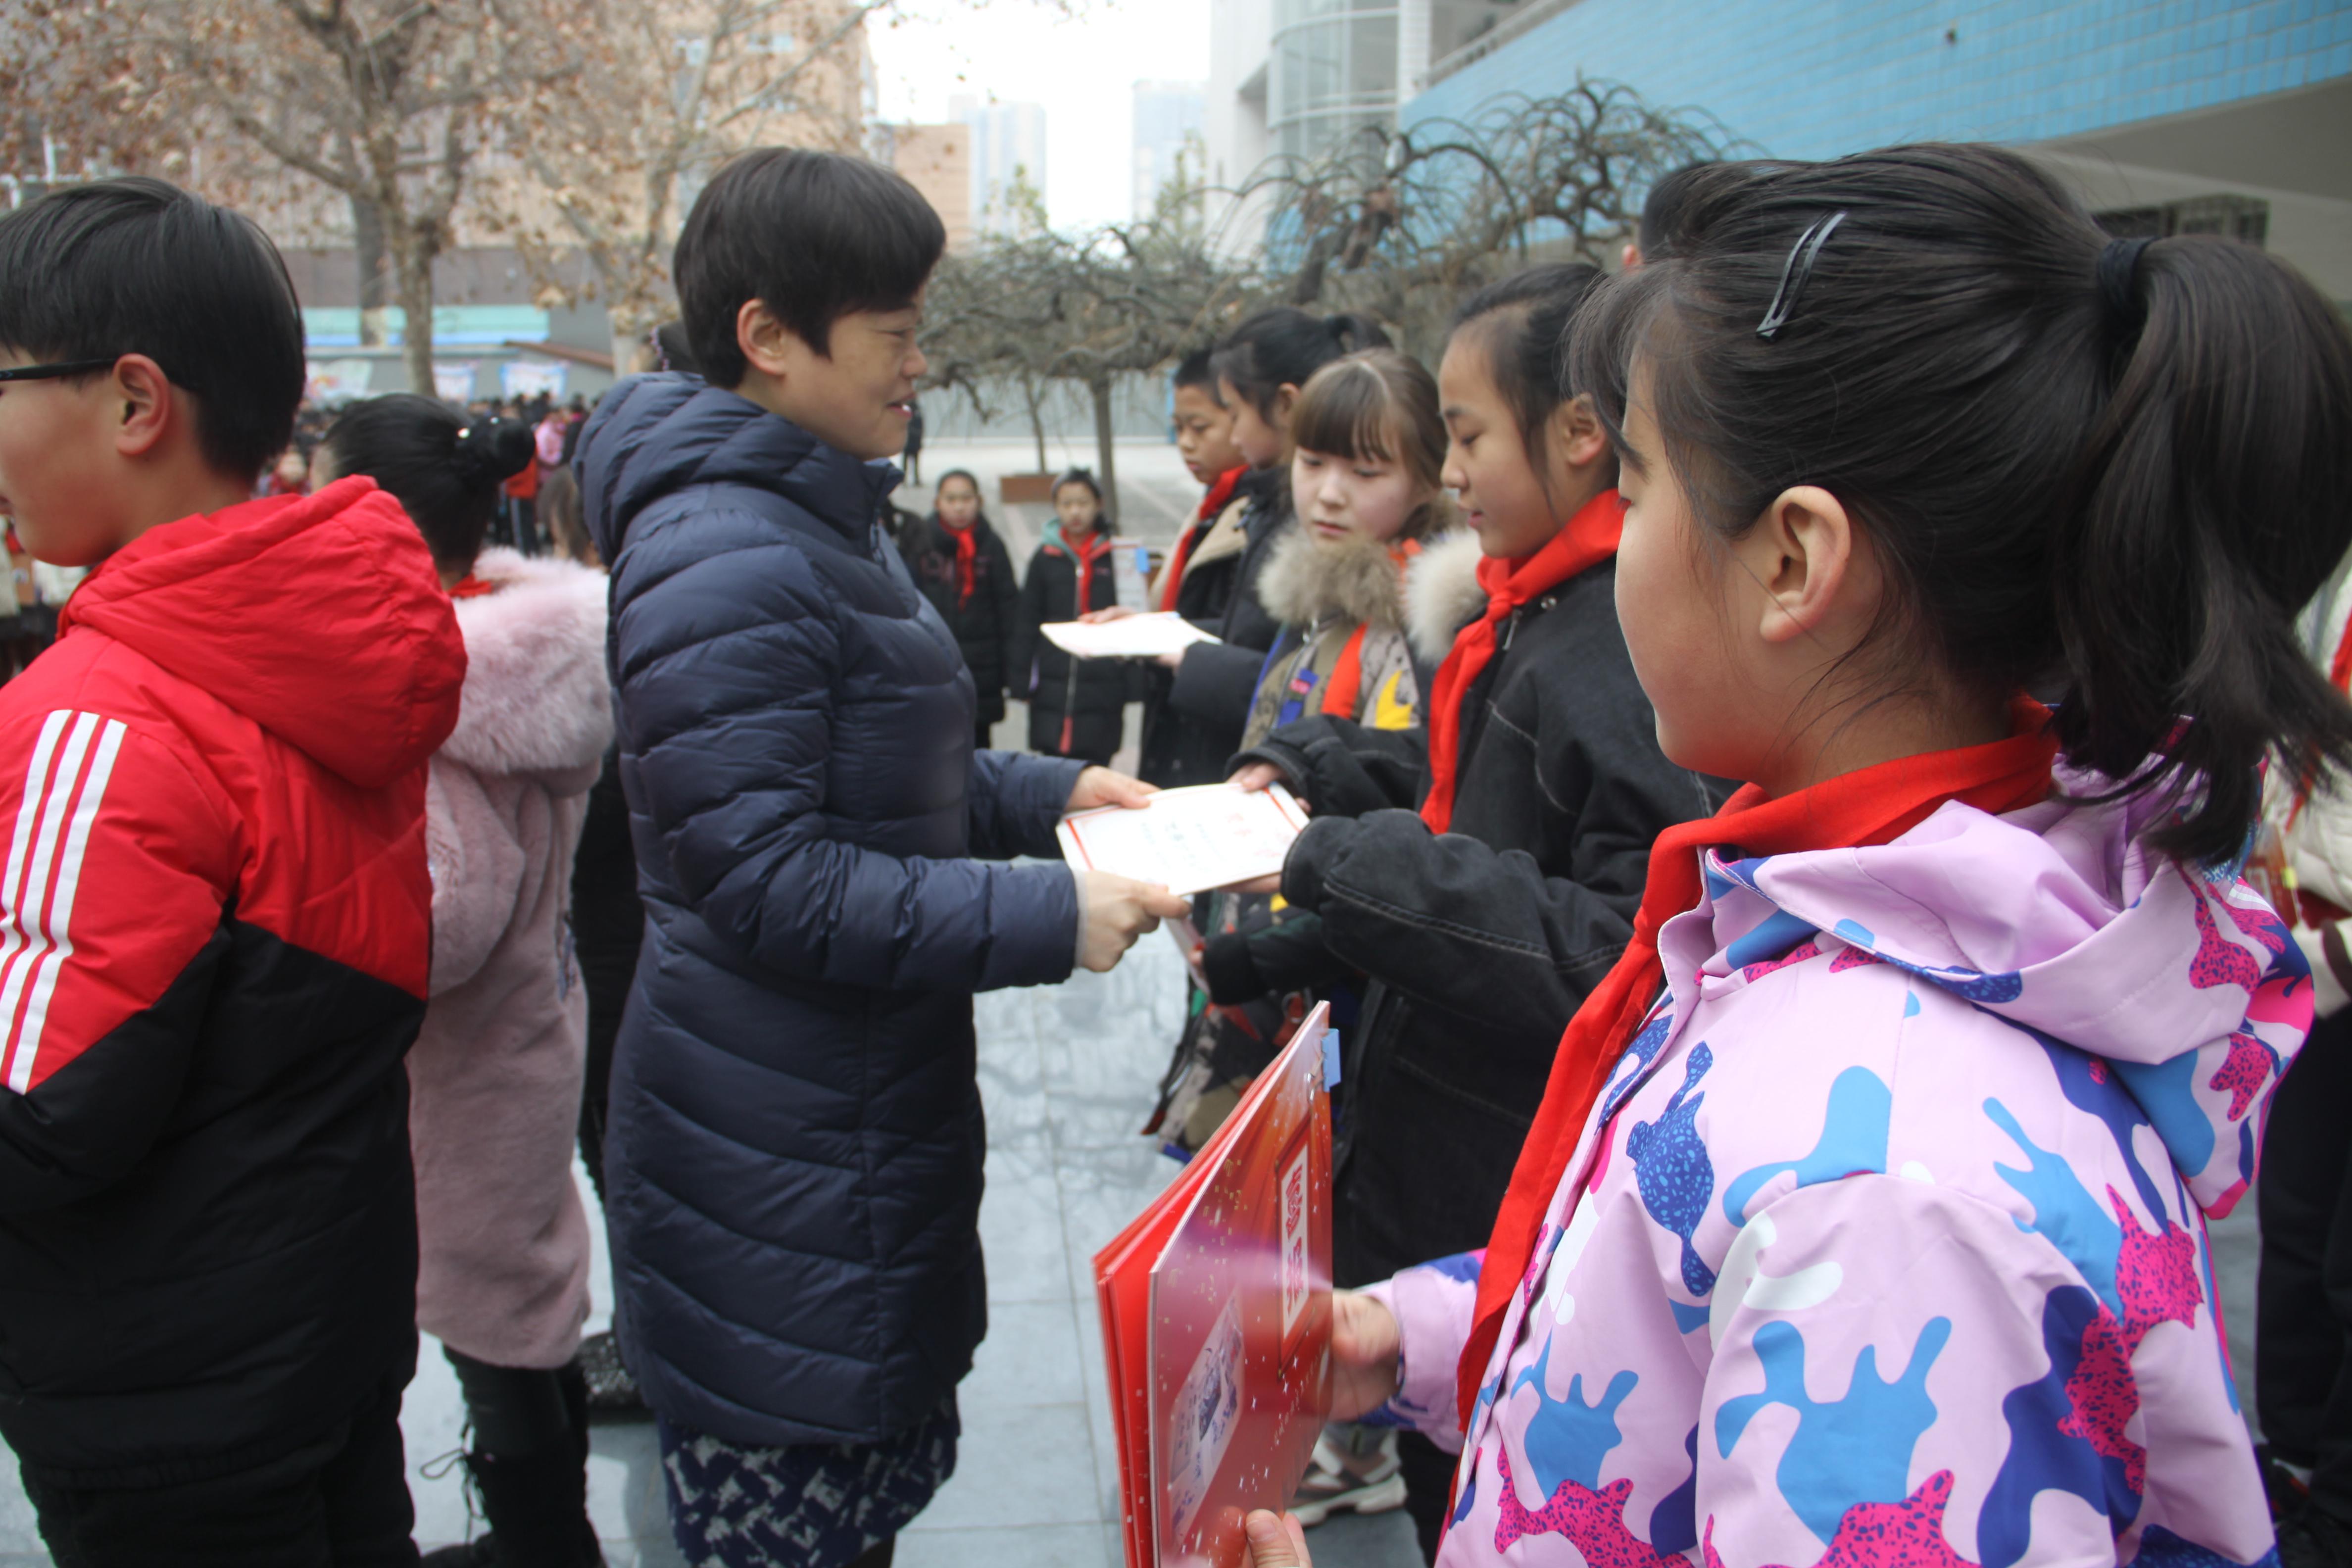 安全度寒假 年味伴成长 管城区五里堡小学师生们迎来了快乐的寒假